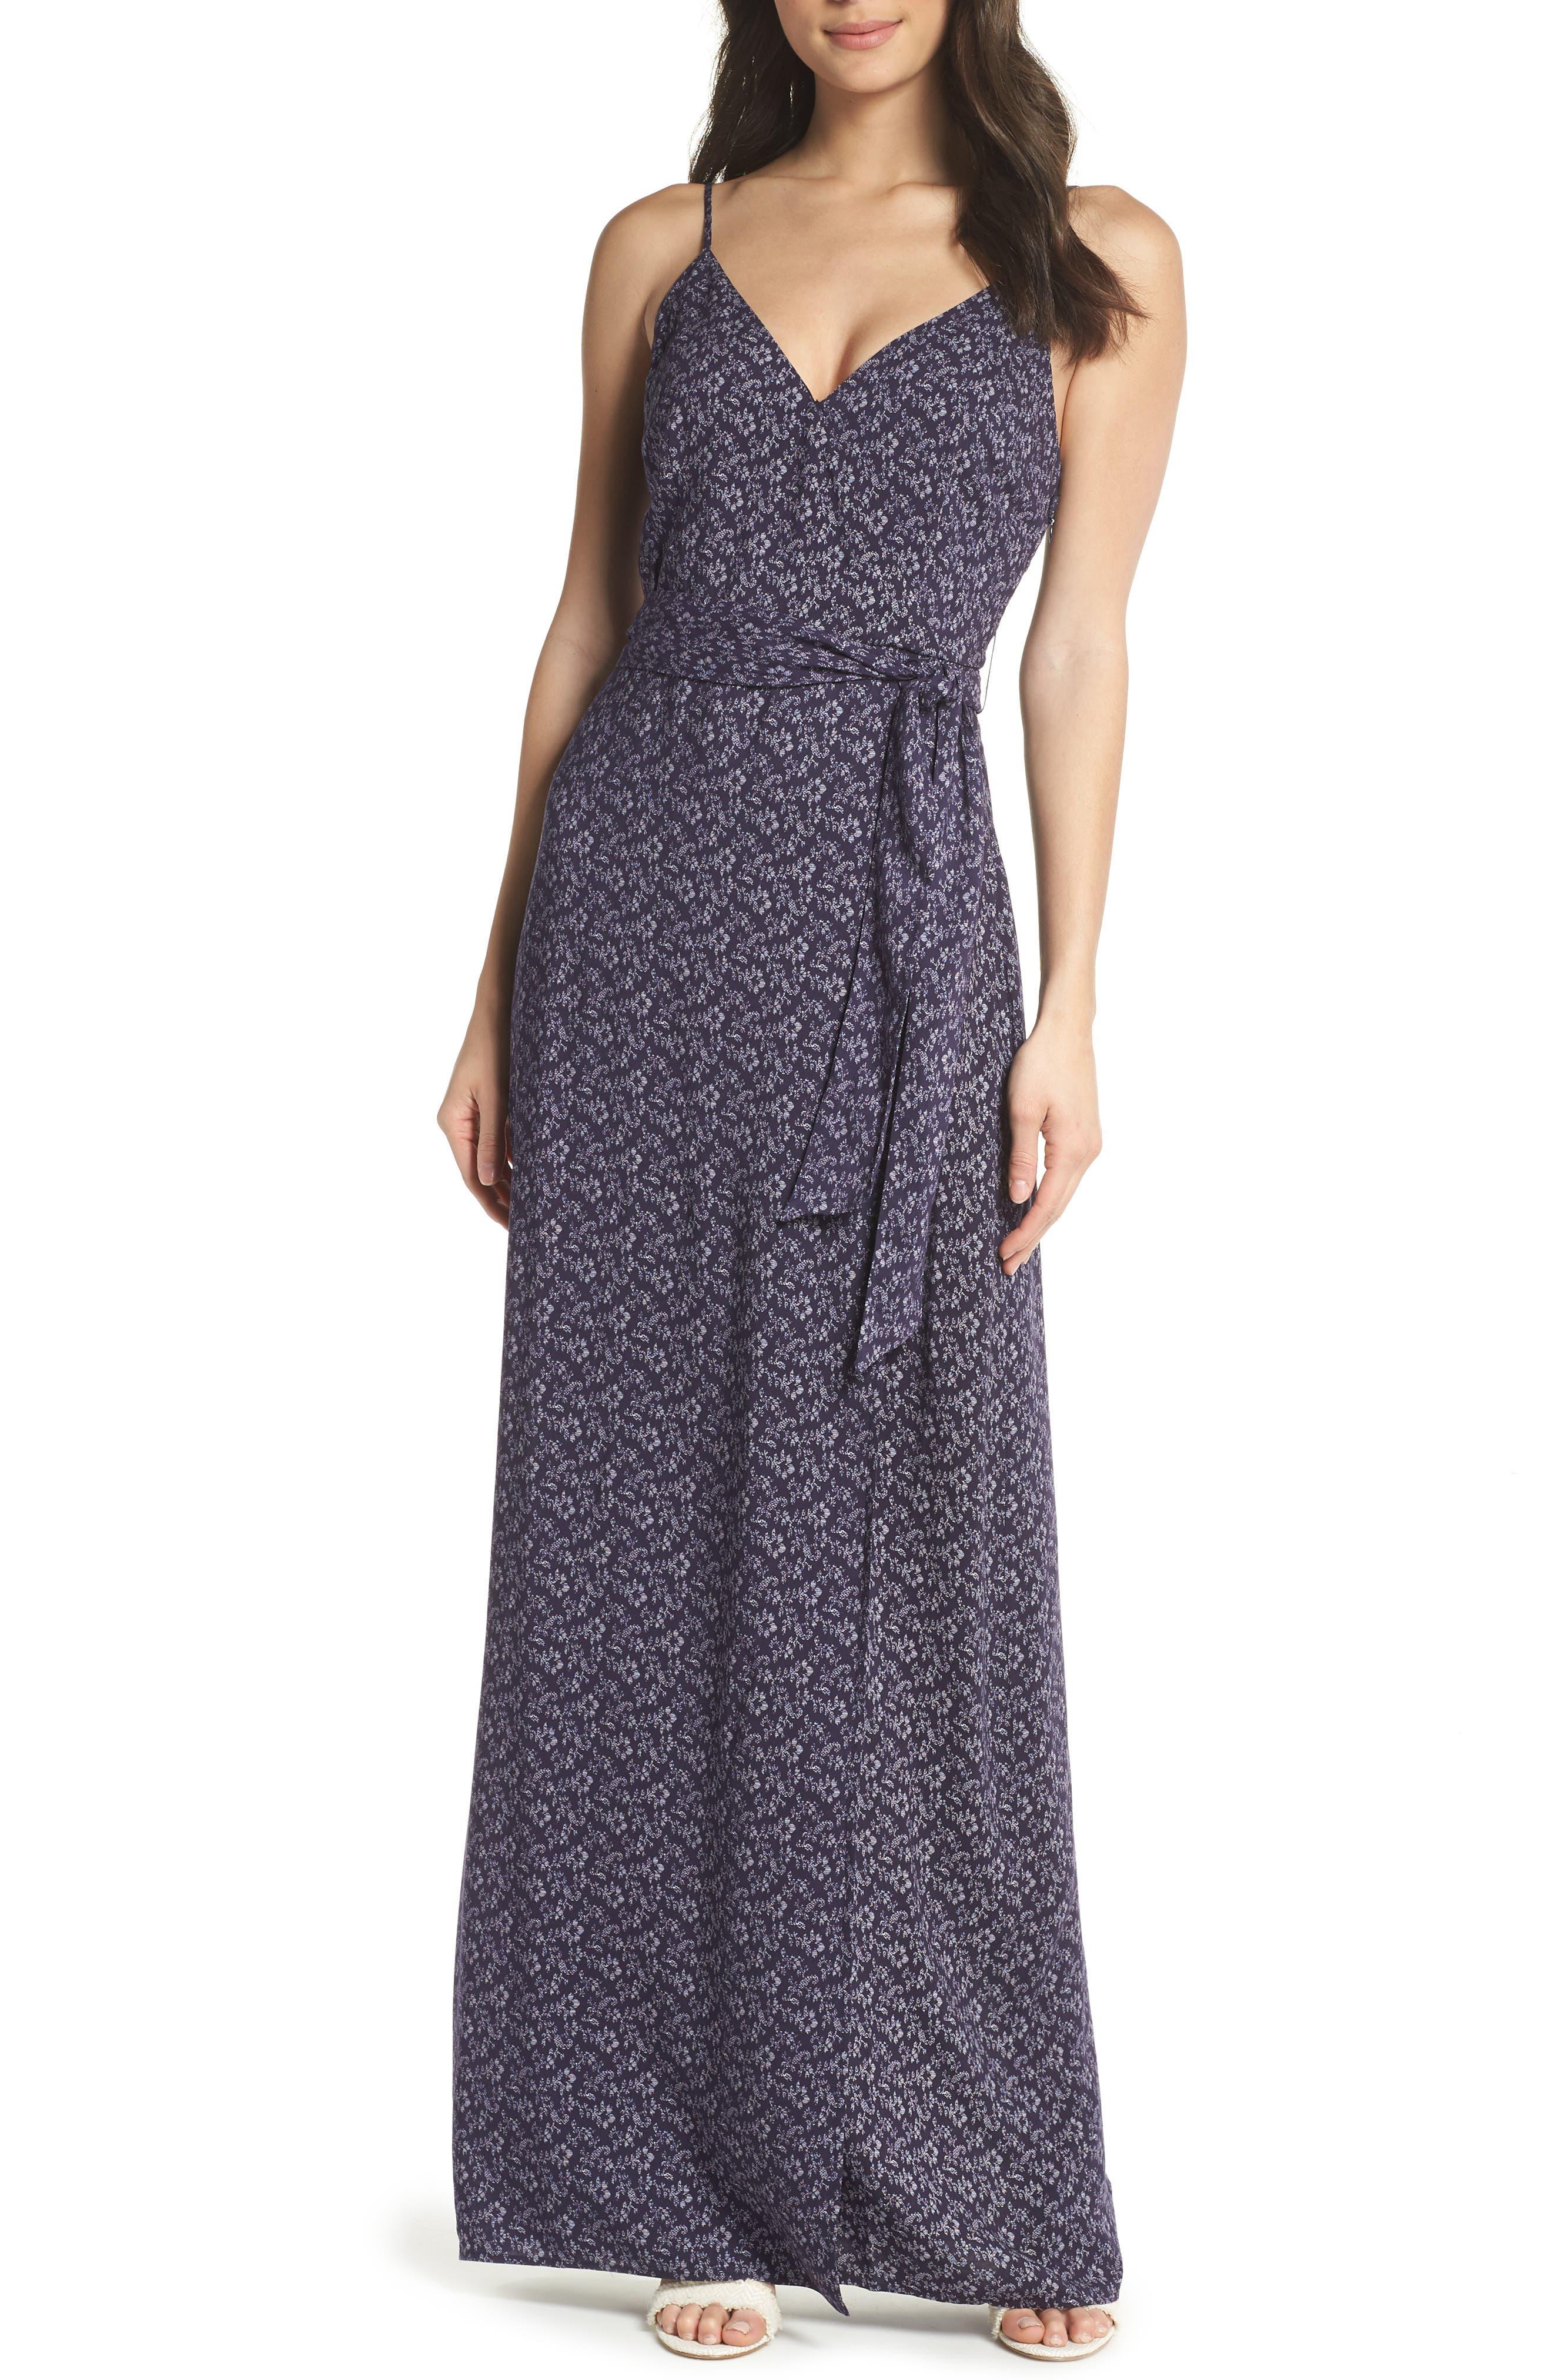 Regina Floral Print Maxi Dress,                         Main,                         color,